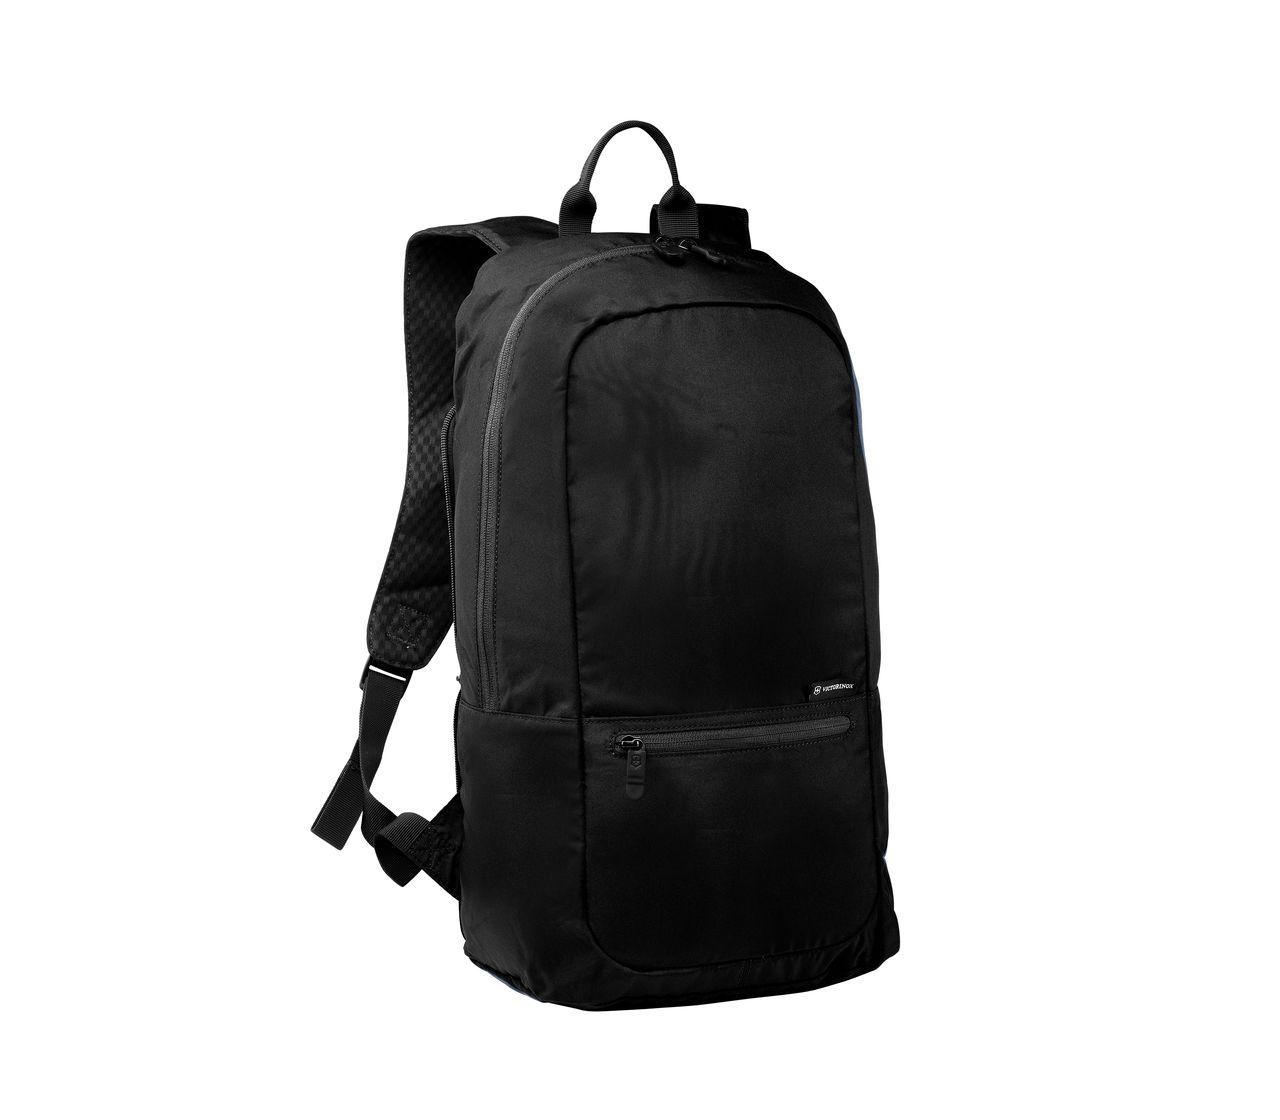 Victorinox Packable Backpack In Black 31374801